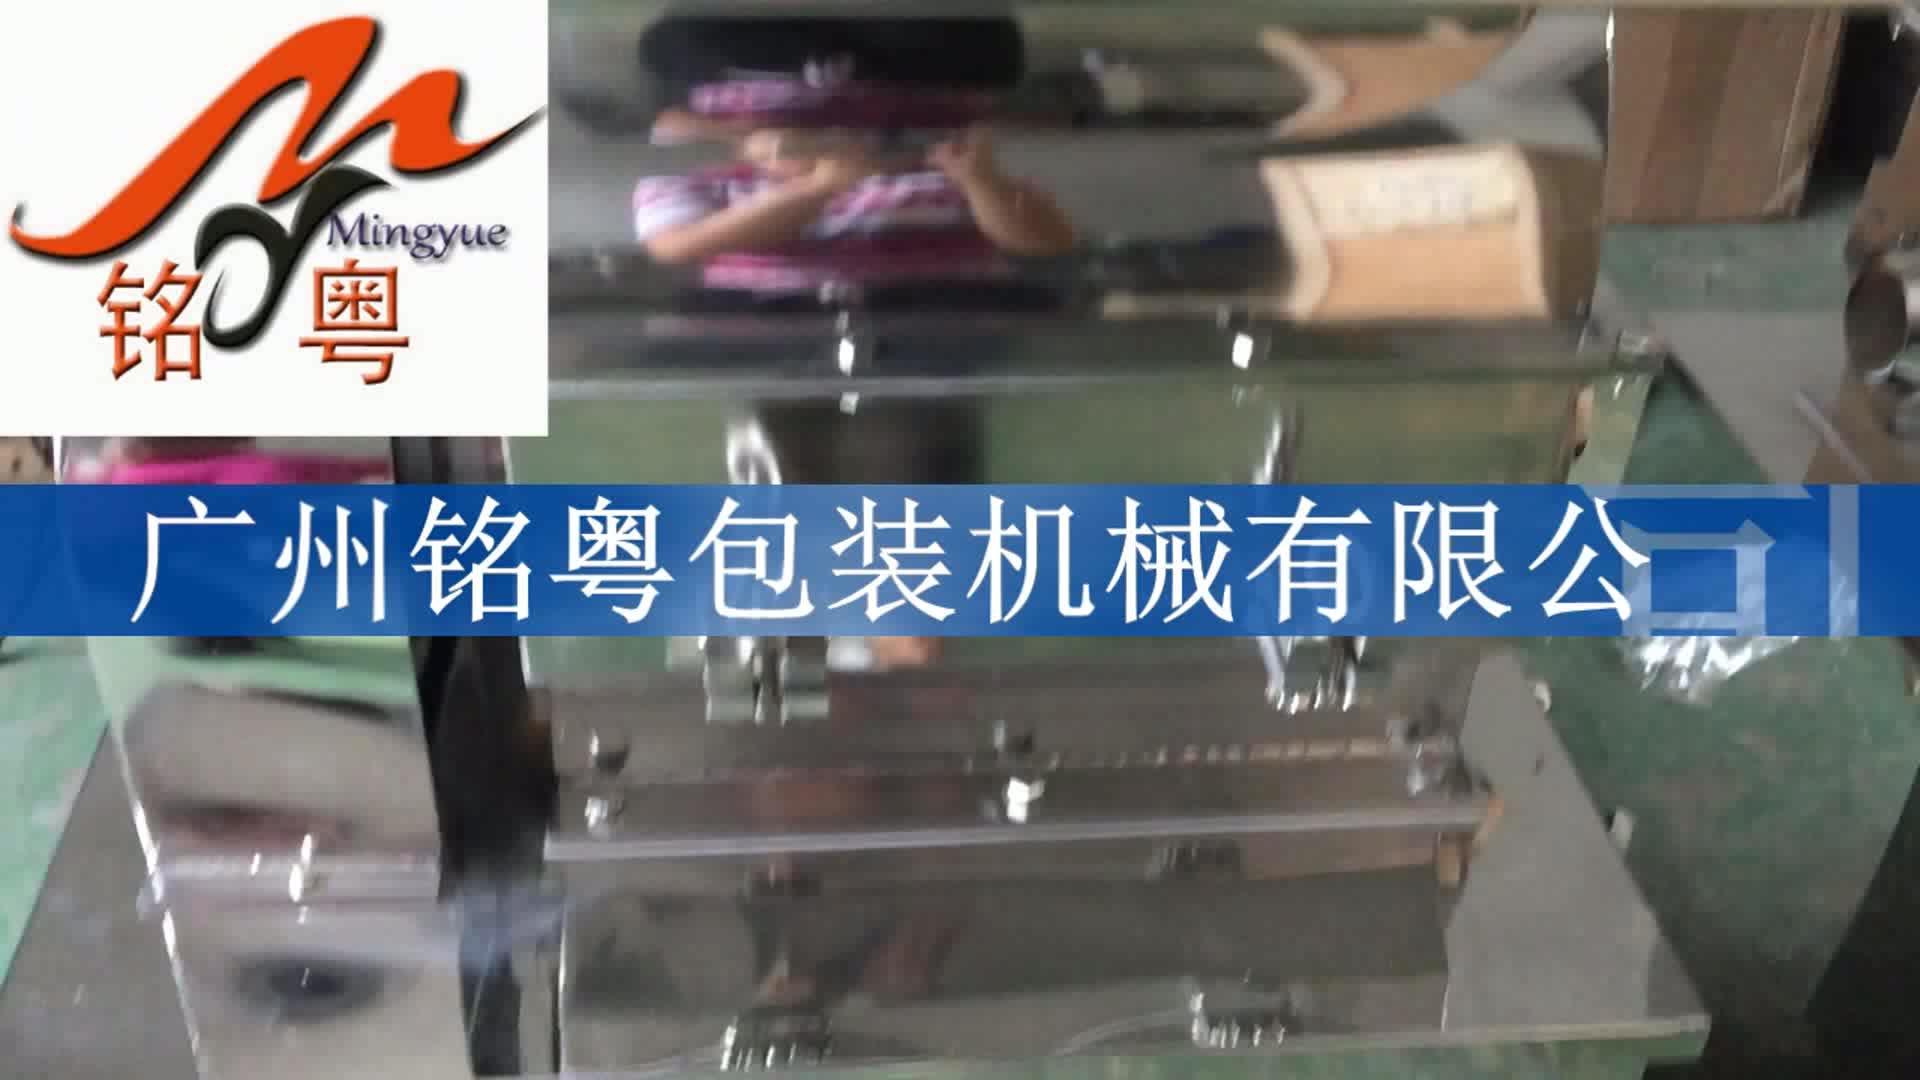 En İyi Kalite Çin Üretici Reçine Paslanmaz Çelik Kaba Evrensel Kırıcı Makinesi